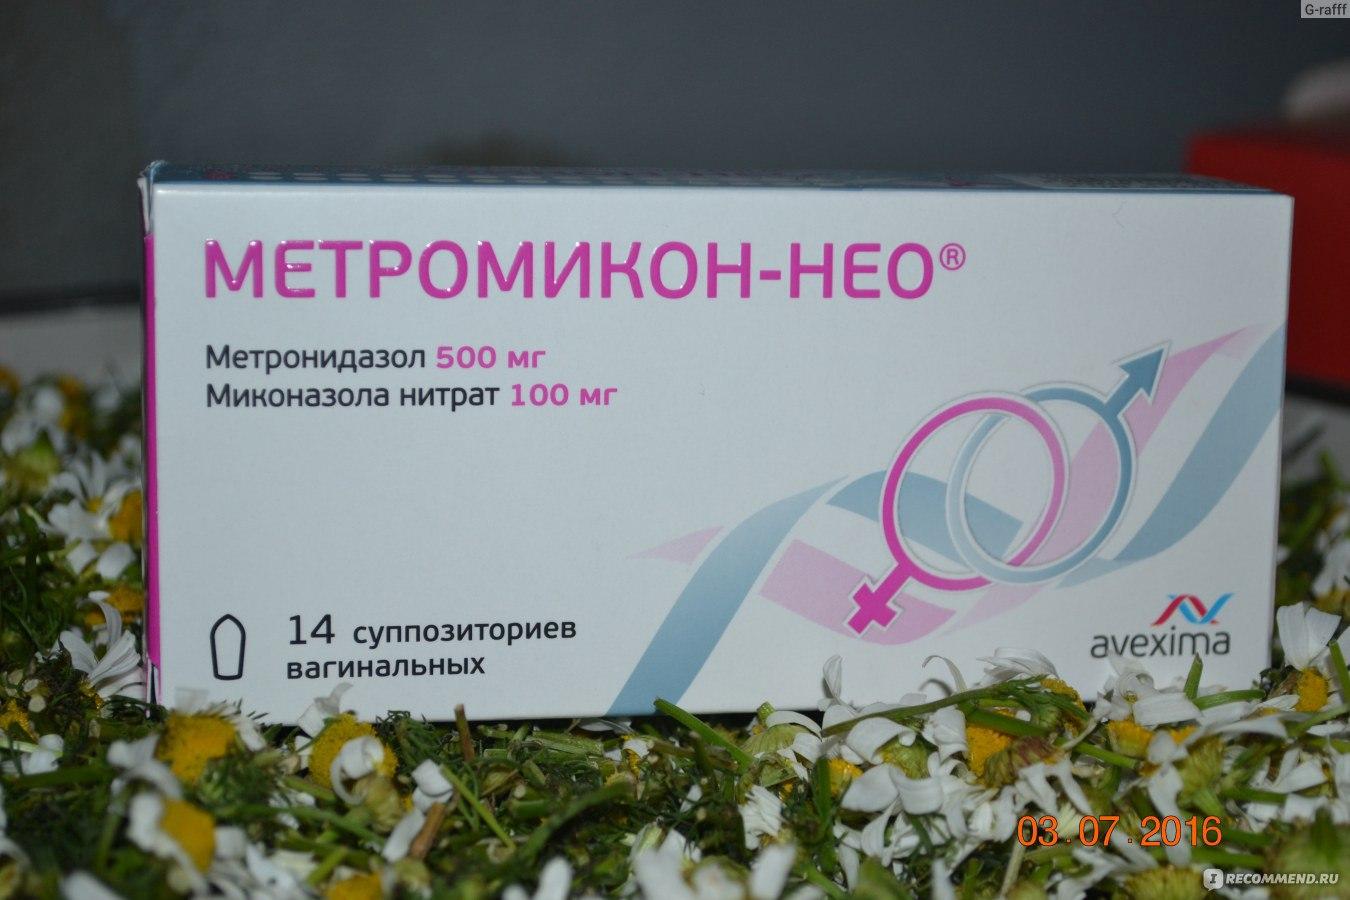 Ме��онидазол ��ппози�о�ии вагинал�н�е �ена По�н��а на